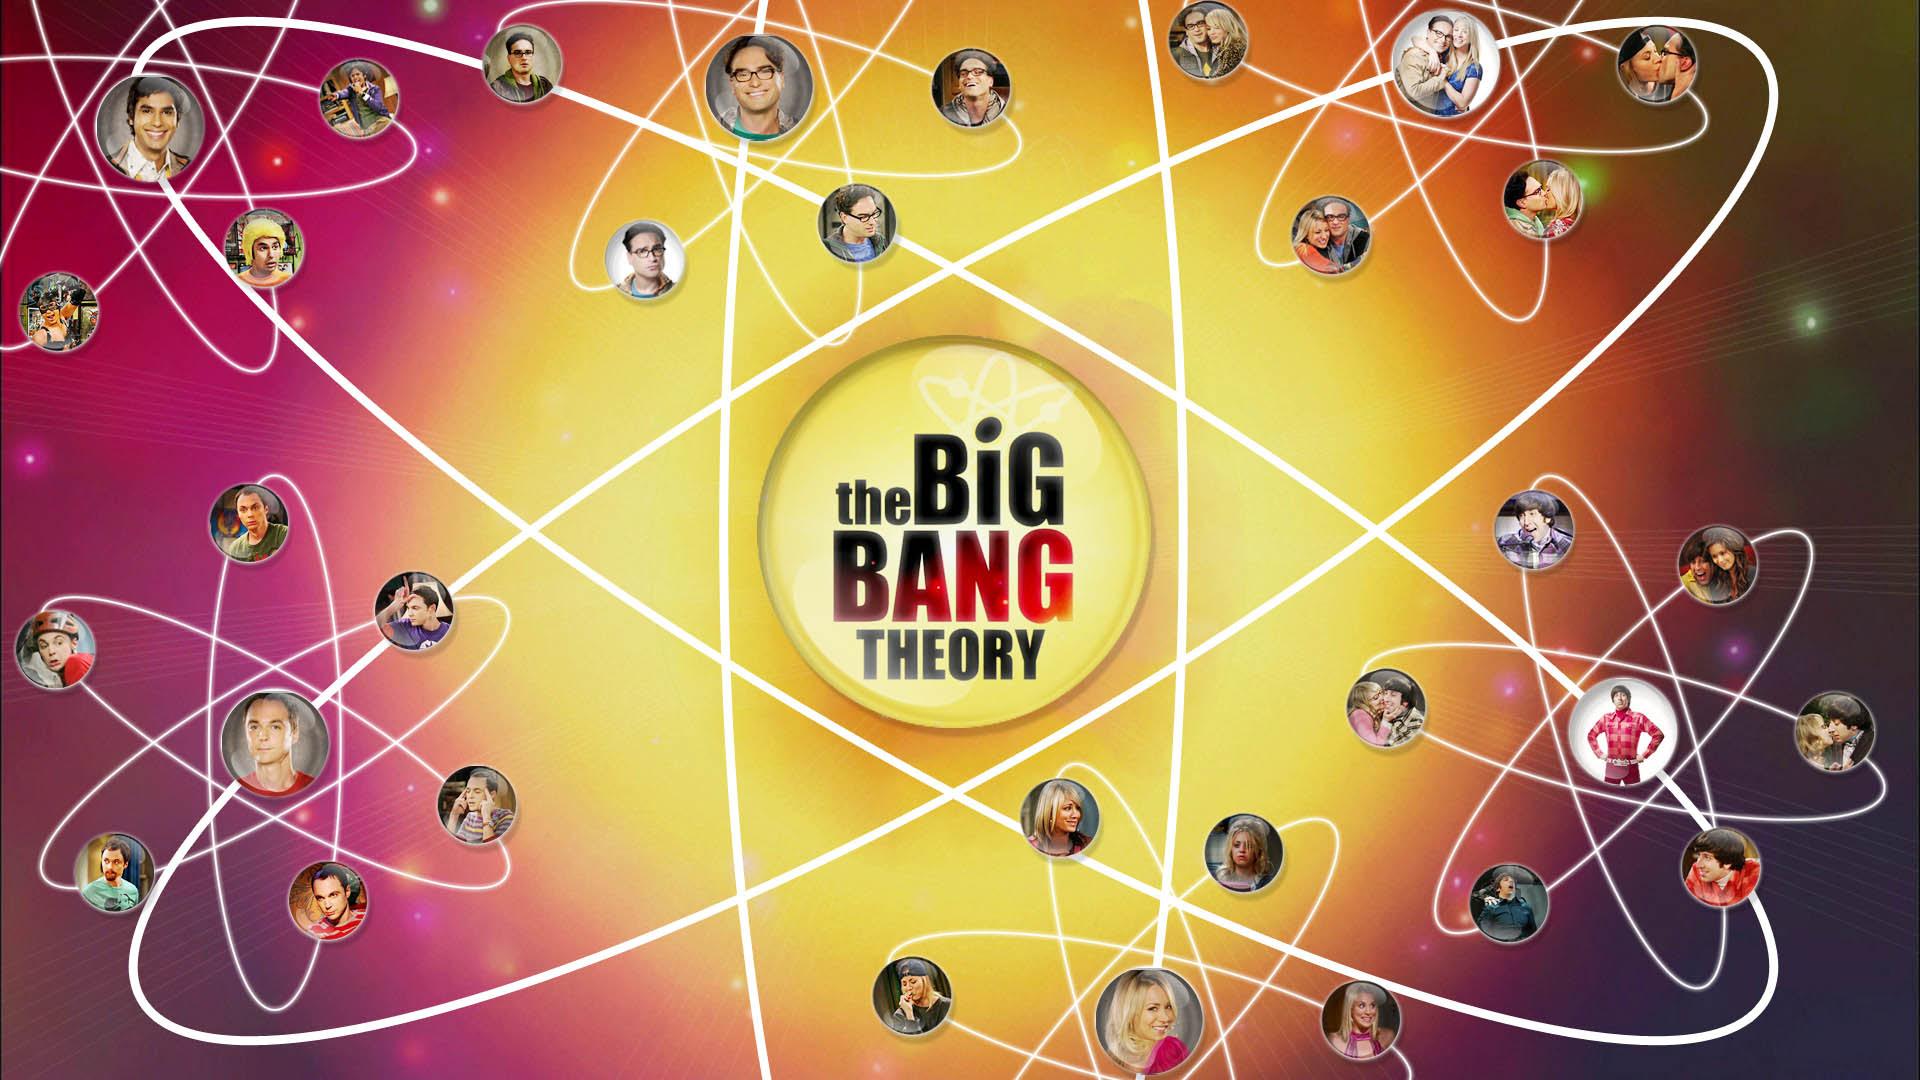 The Big Bang Theory Wallpaper 24